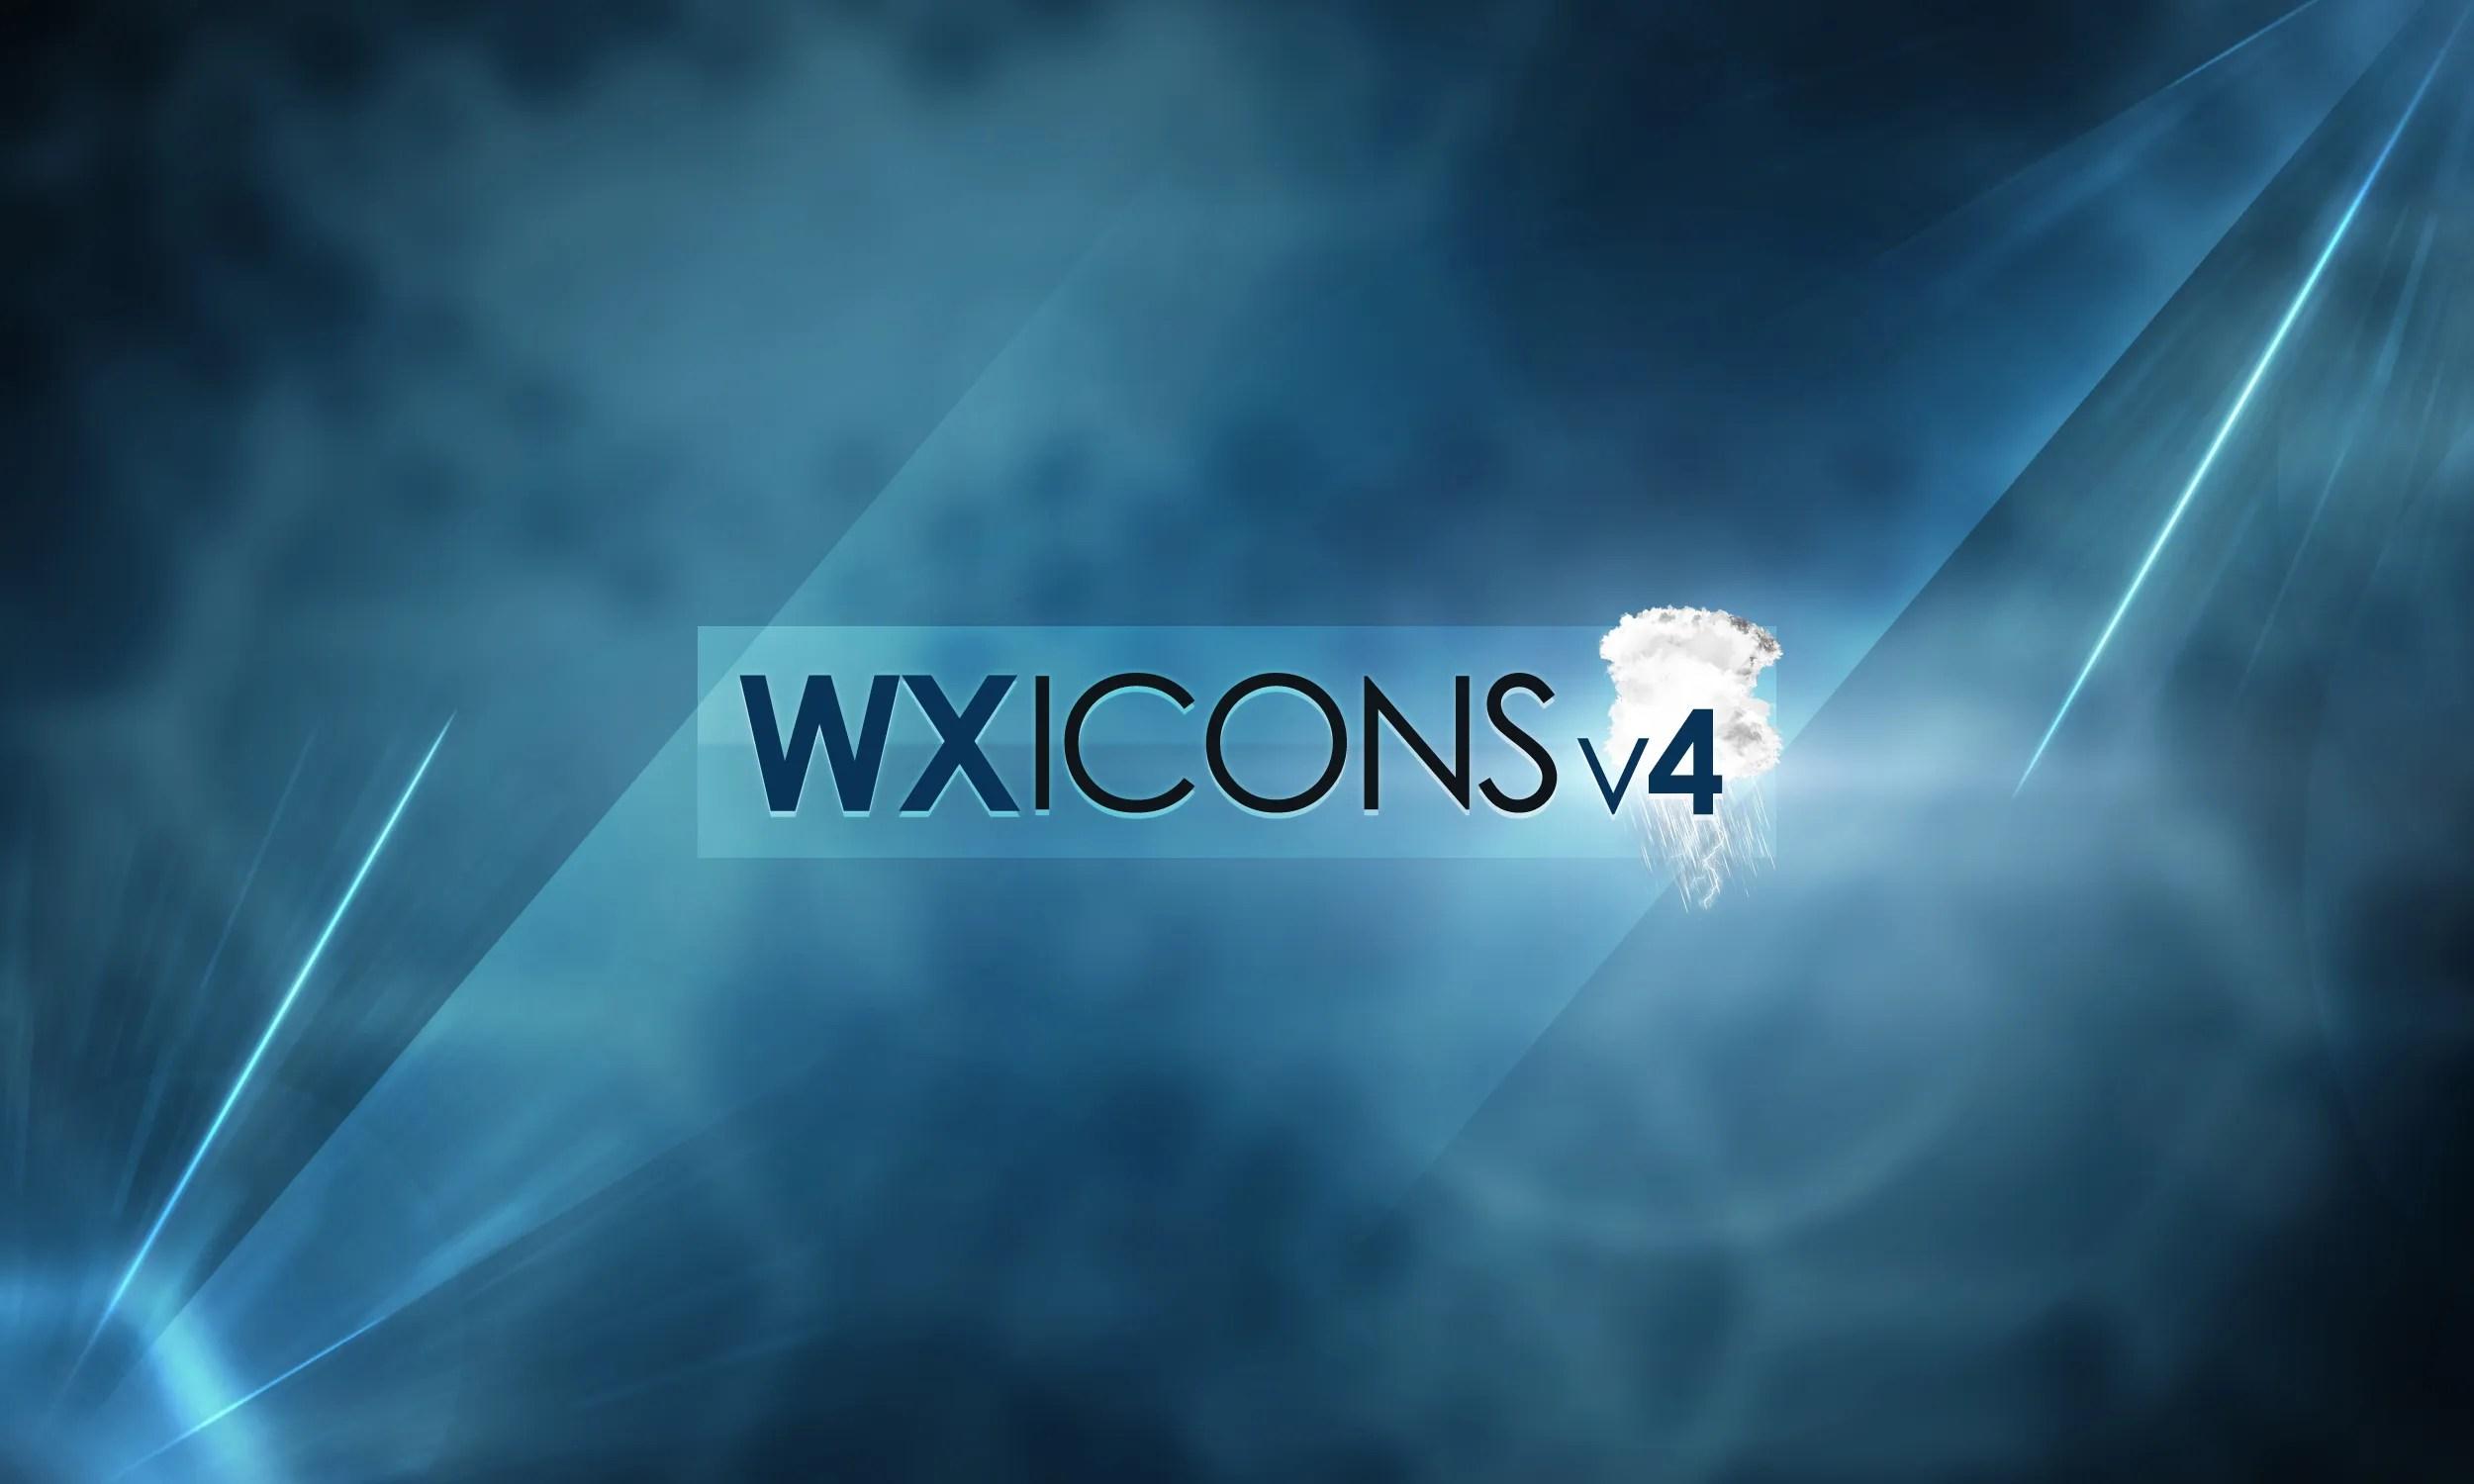 WxIcons v4